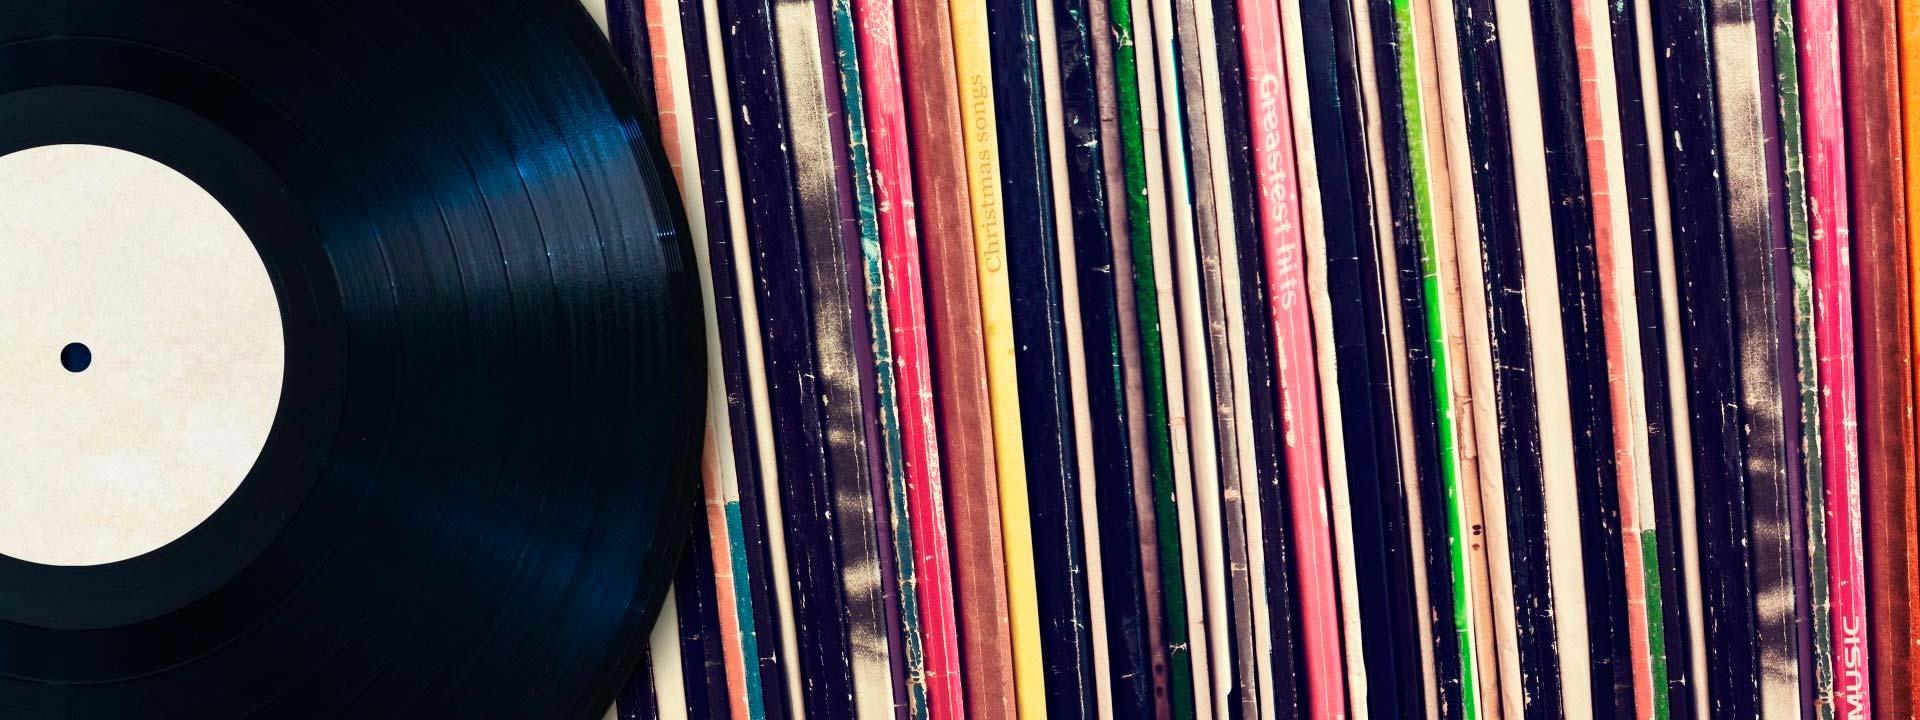 Oferta de música - fabricación de vinilo y venta digital gratis